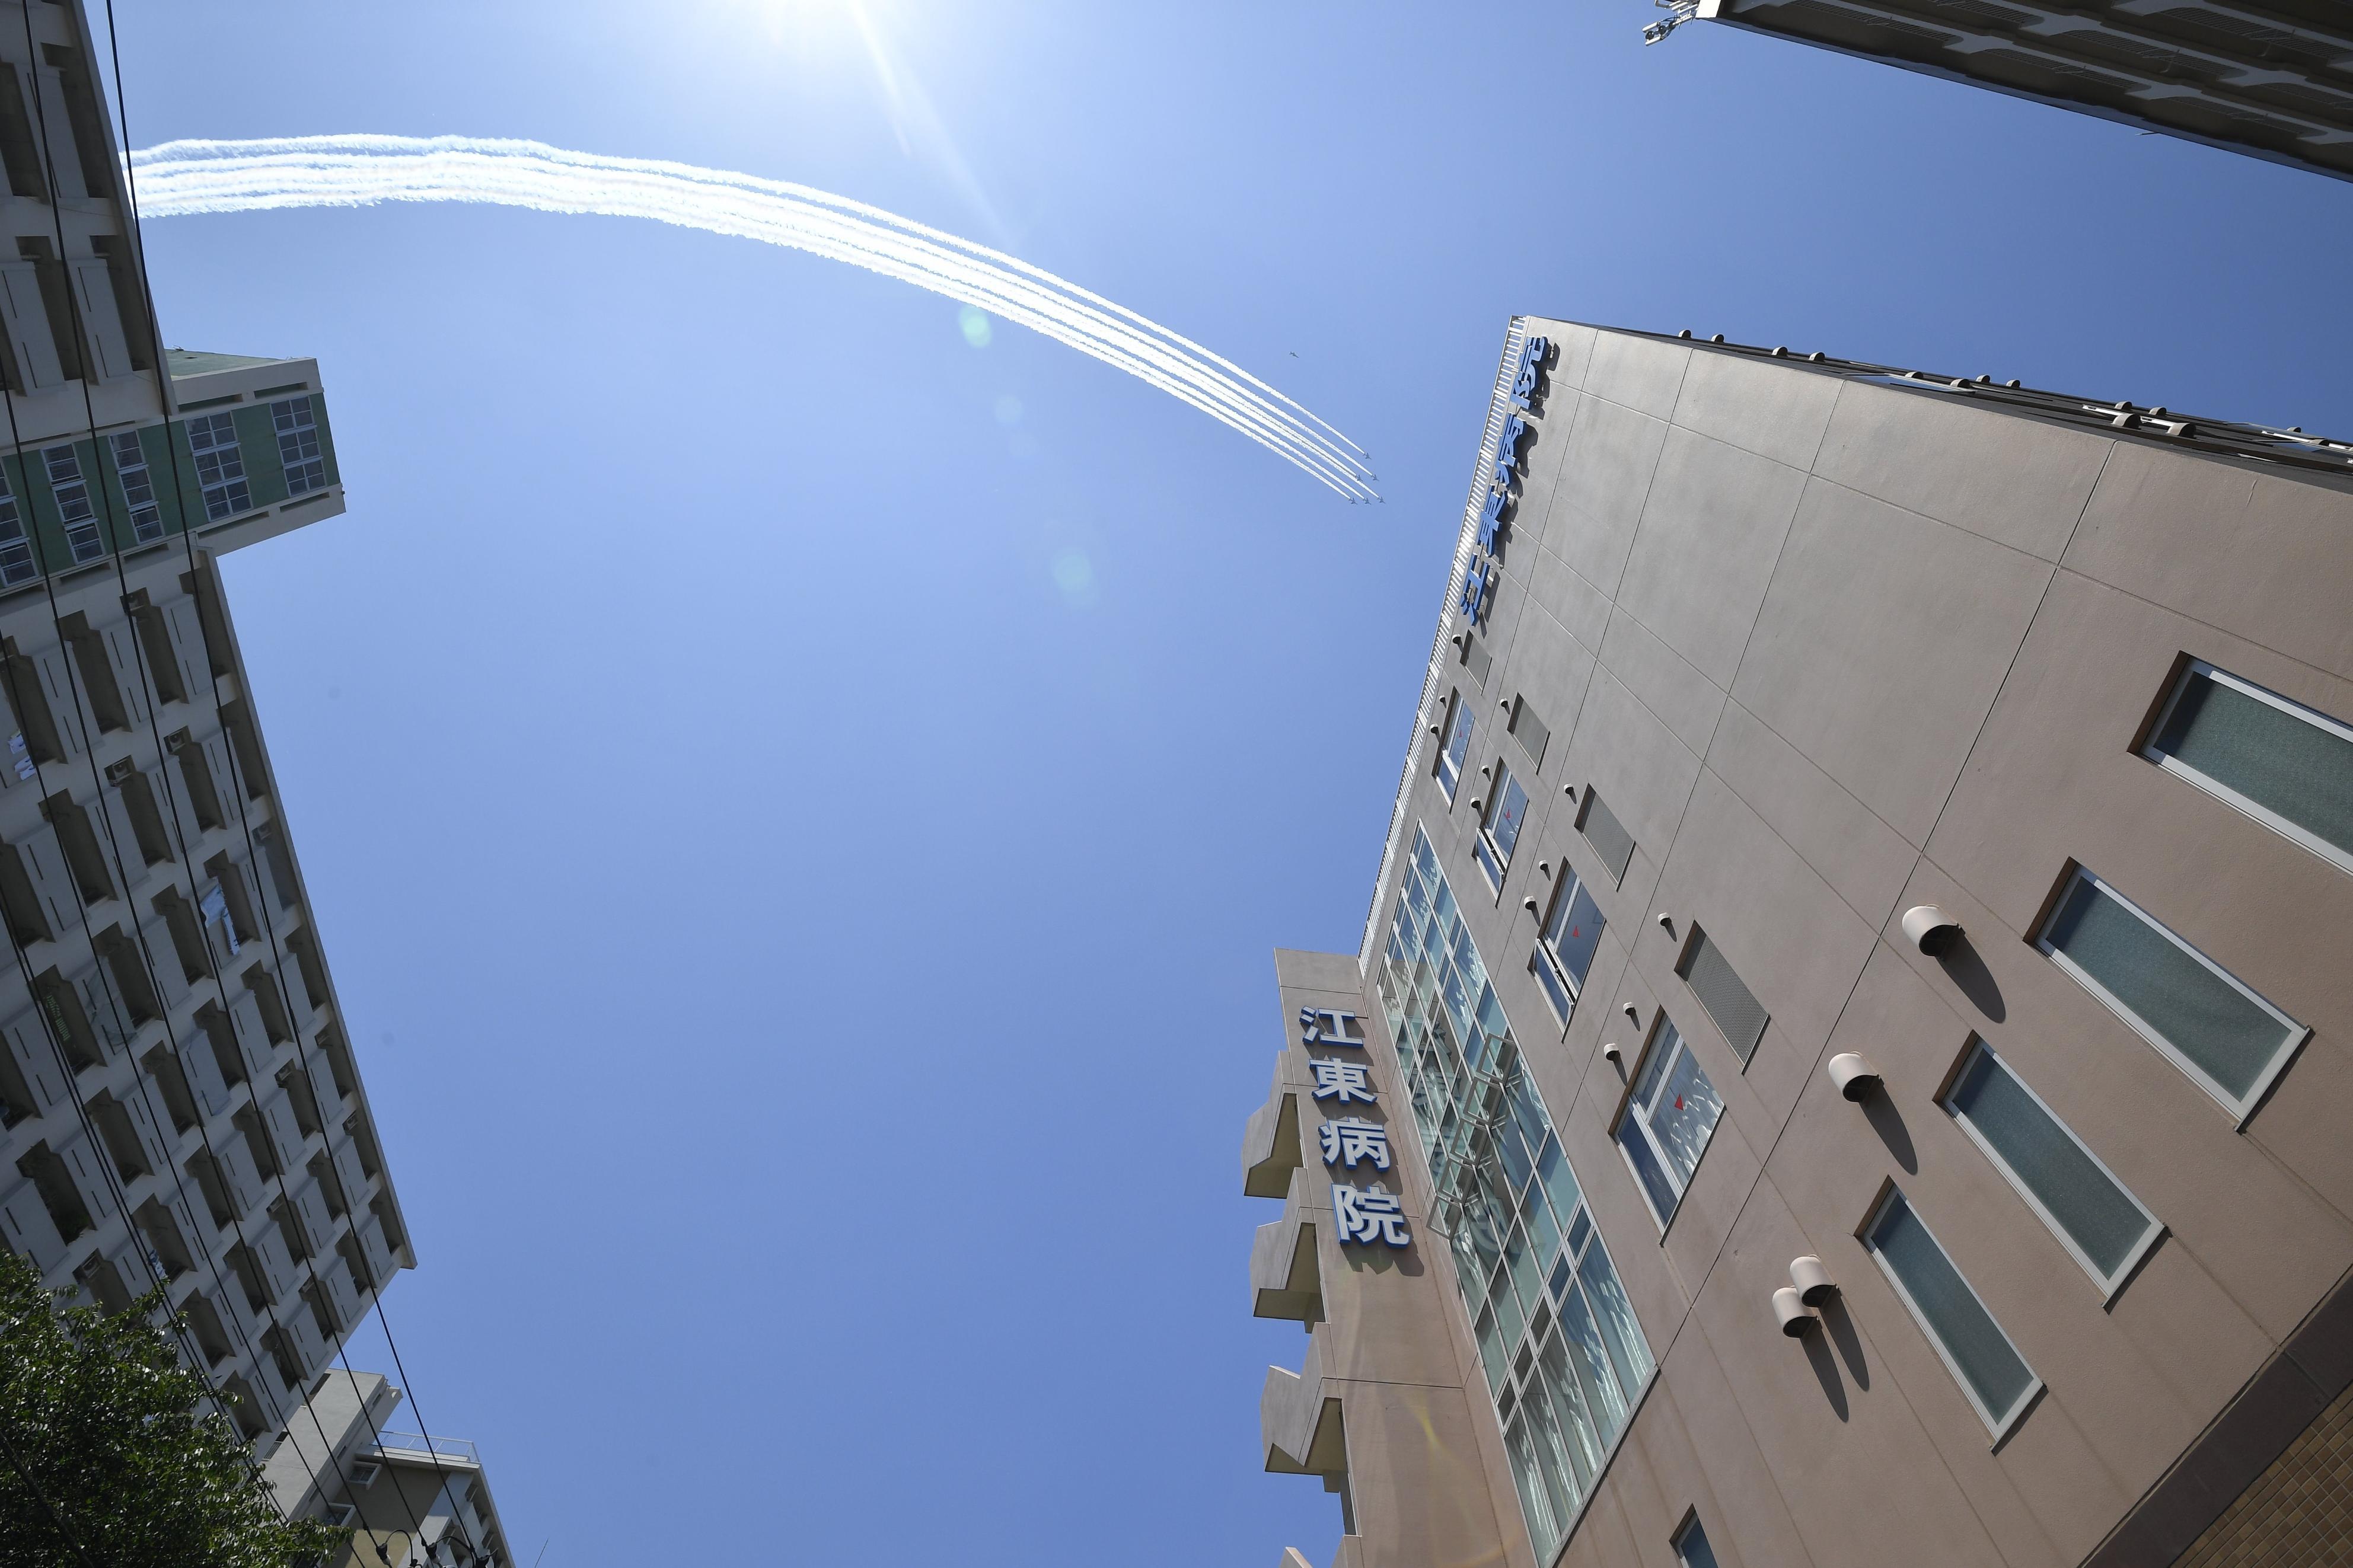 医療従事者に敬意を示すため、東京都江東区の江東病院上空を飛行する航空自衛隊のブルーインパルス=29日午後